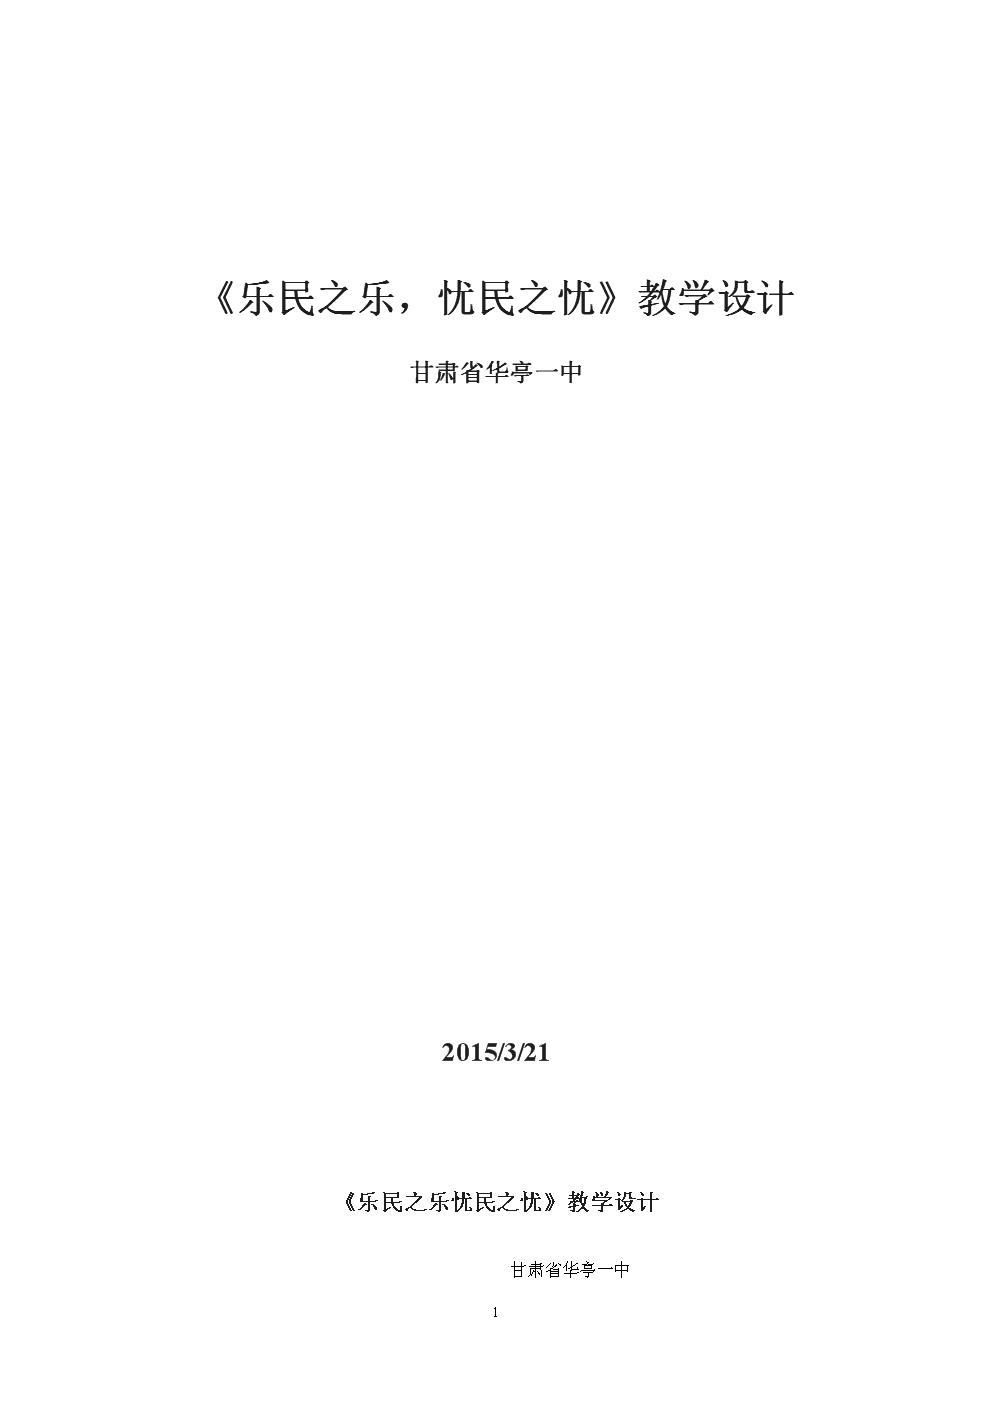 《乐民之乐,忧民之忧》教学设计.doc